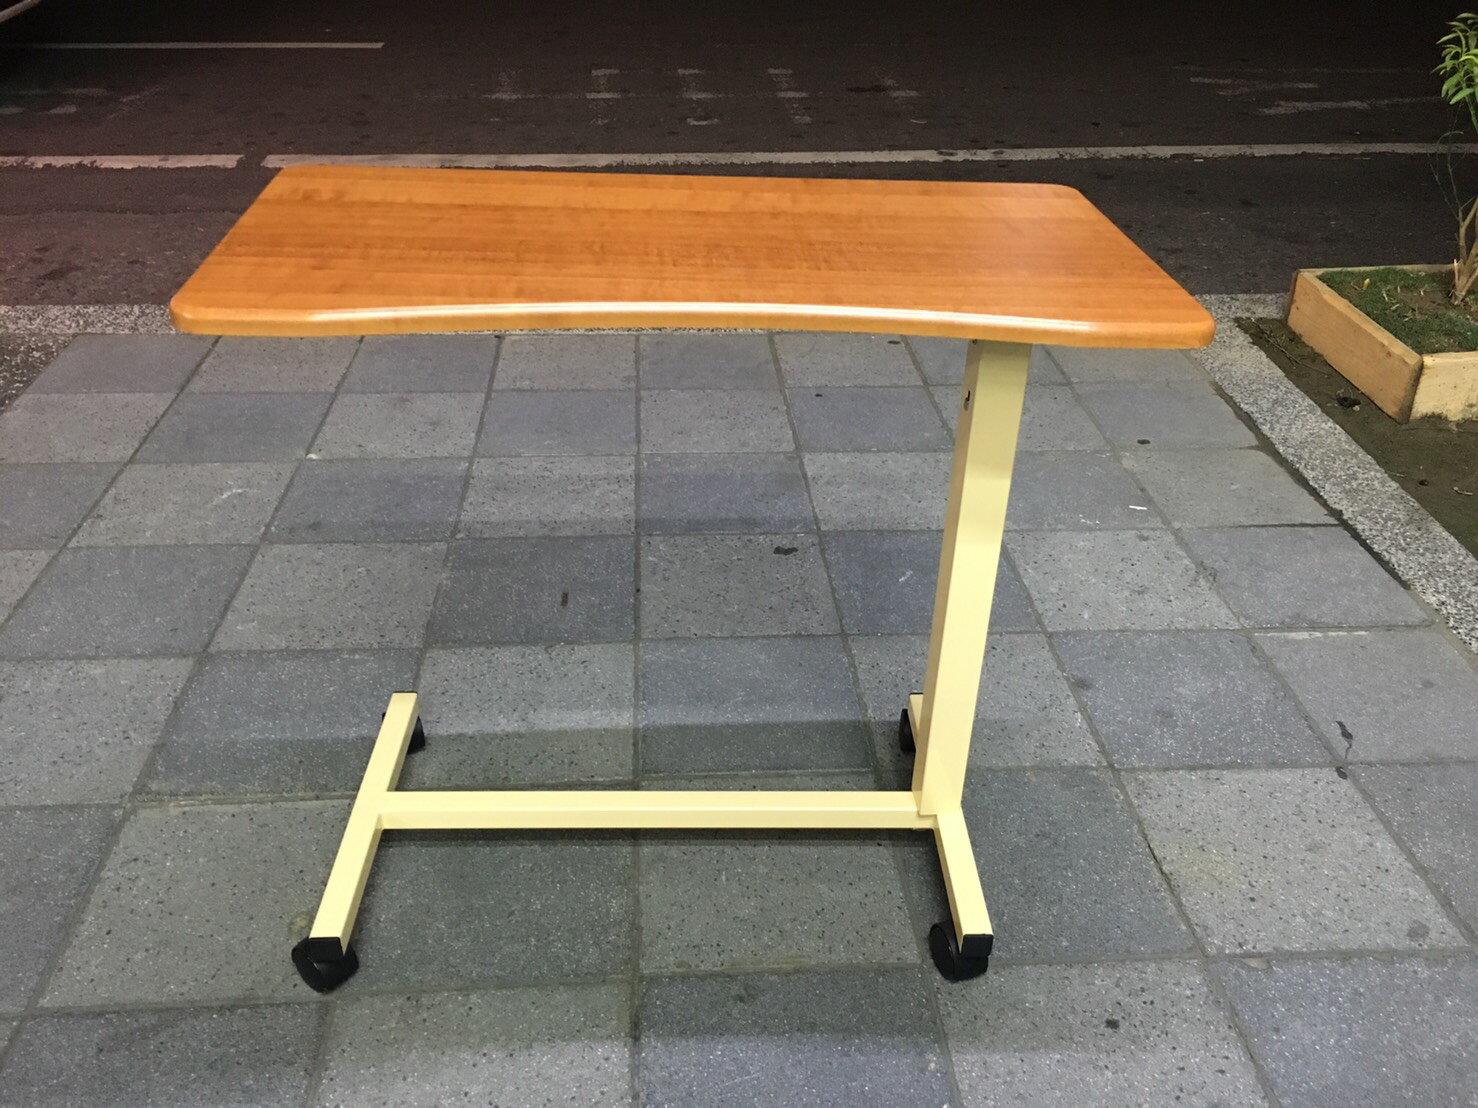 (未組裝)弧形桌面移動式床上餐桌板 新型的升降設計 床旁桌 病床餐桌 輪.椅美式餐桌 附輪 高低輕易調整